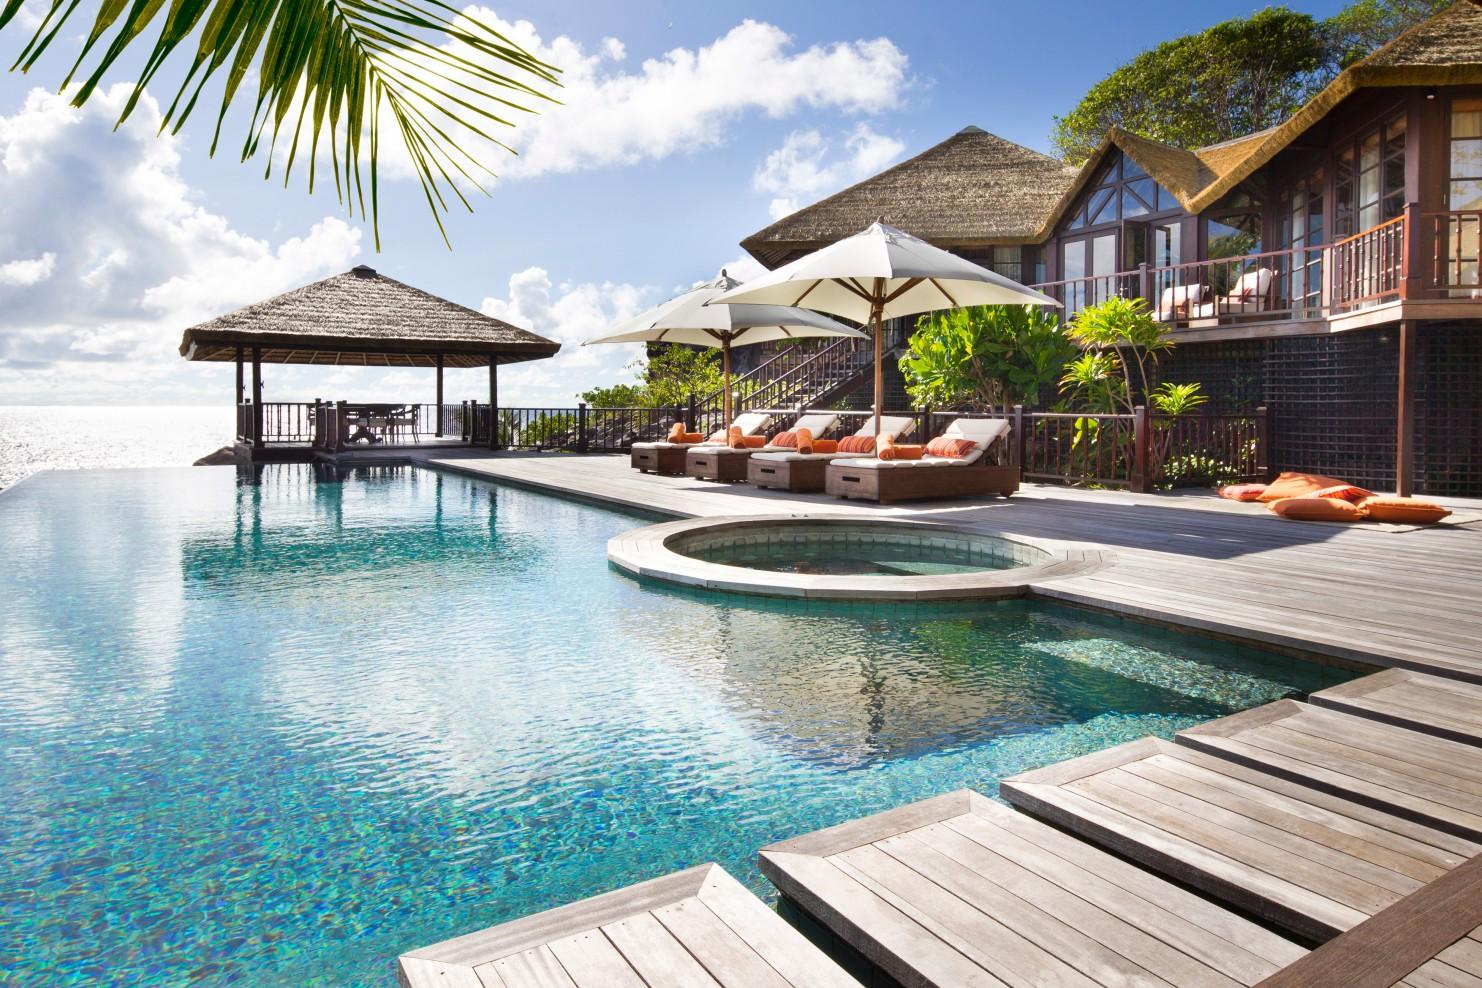 Hasil gambar untuk Fregate Island, Seychelles hd